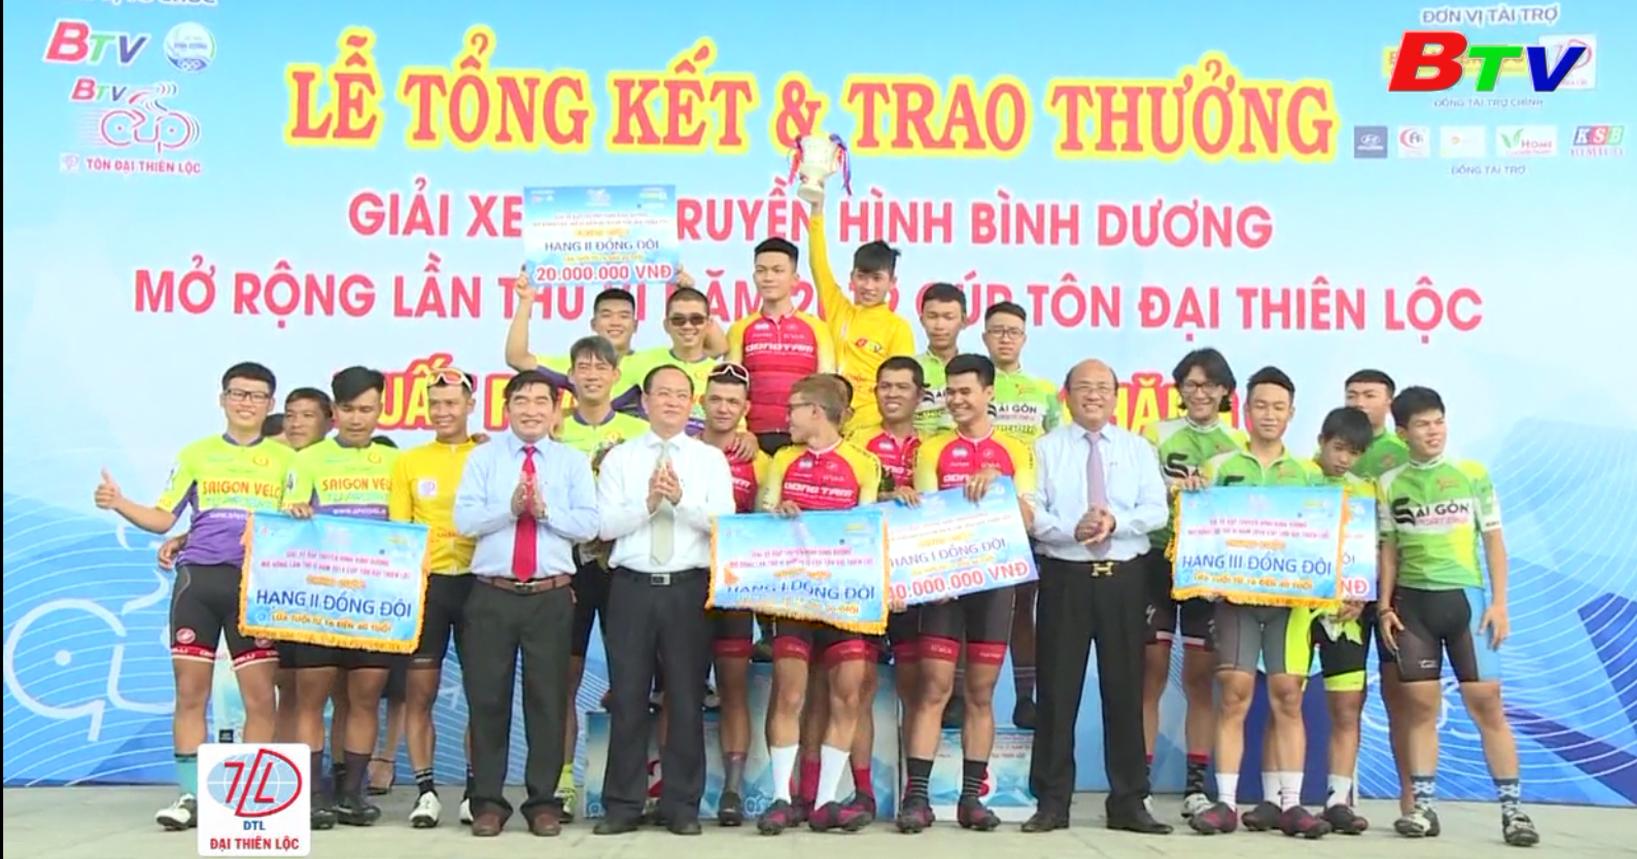 Khép lại thành công Giải xe đạp Truyền hình Bình Dương mở rộng lần VI  năm 2019 - Cúp Tôn Đại Thiên Lộc